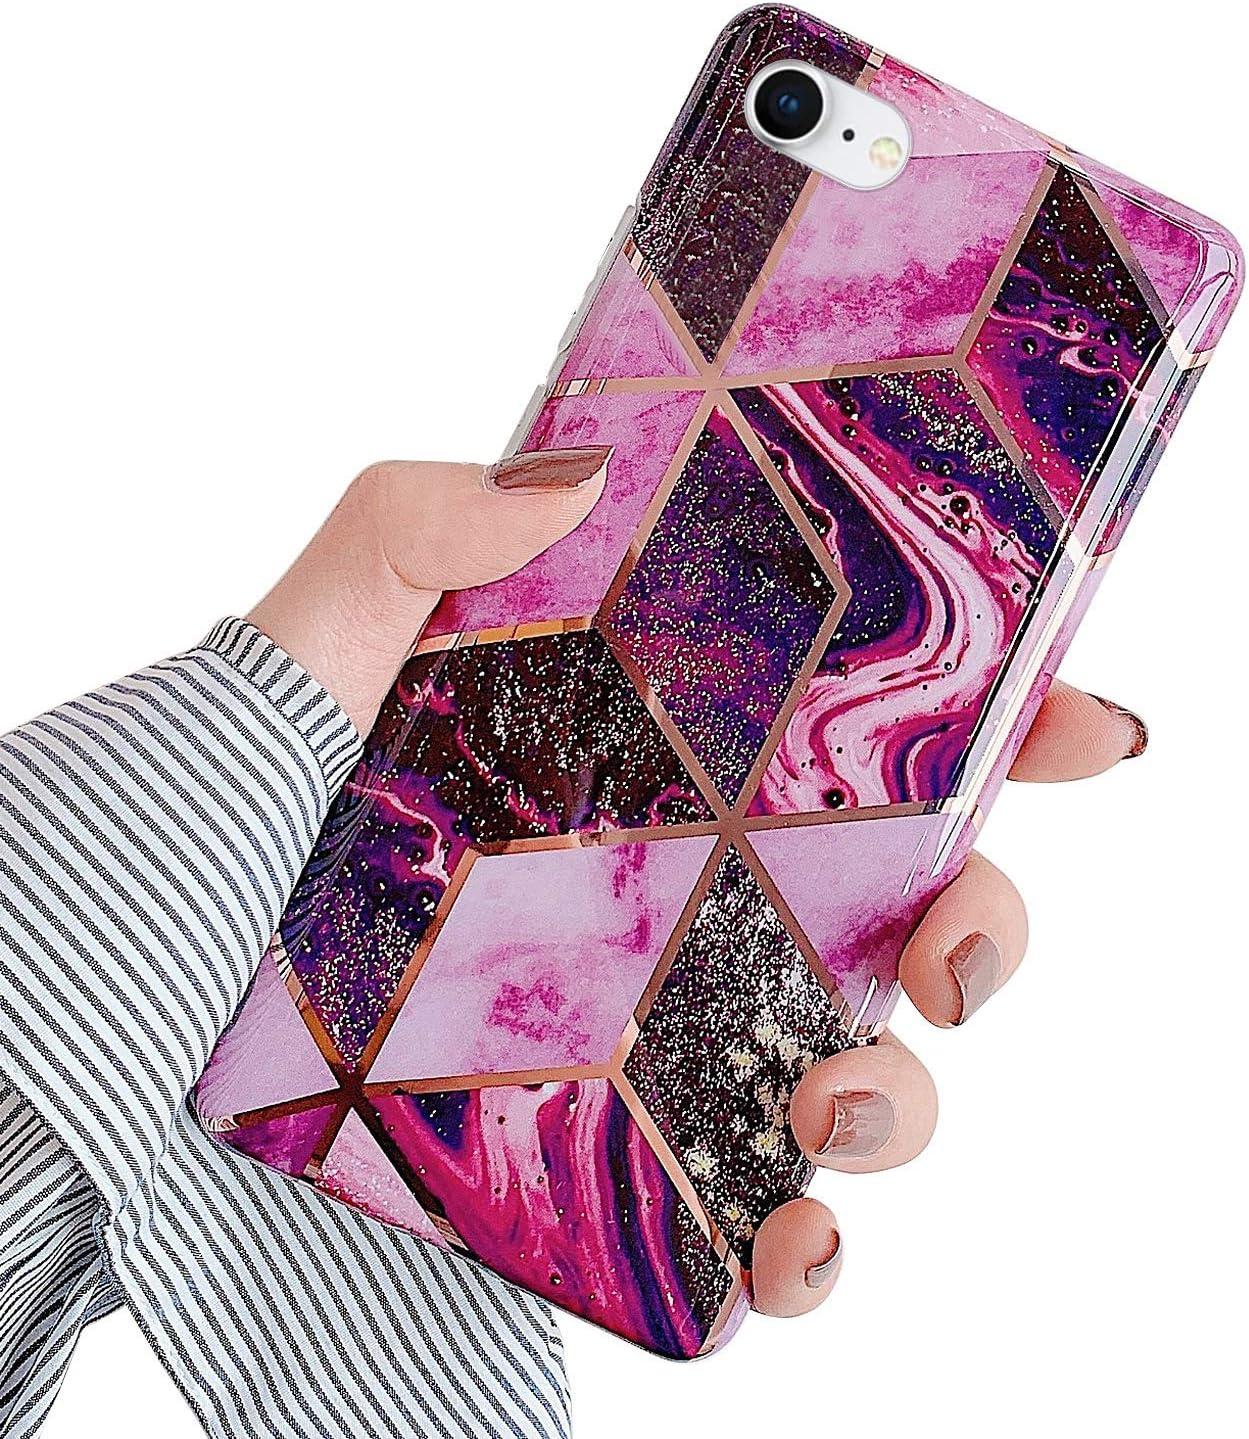 MoreChioce compatible avec Coque iPhone 8,Coque iPhone 7 Marbre Souple Gel Silicone /Étui avec Ananas Transparent avec Strass Glitter Sparkle Dur Protection Case Rigid Cover Skin,Bague Marbre Rose